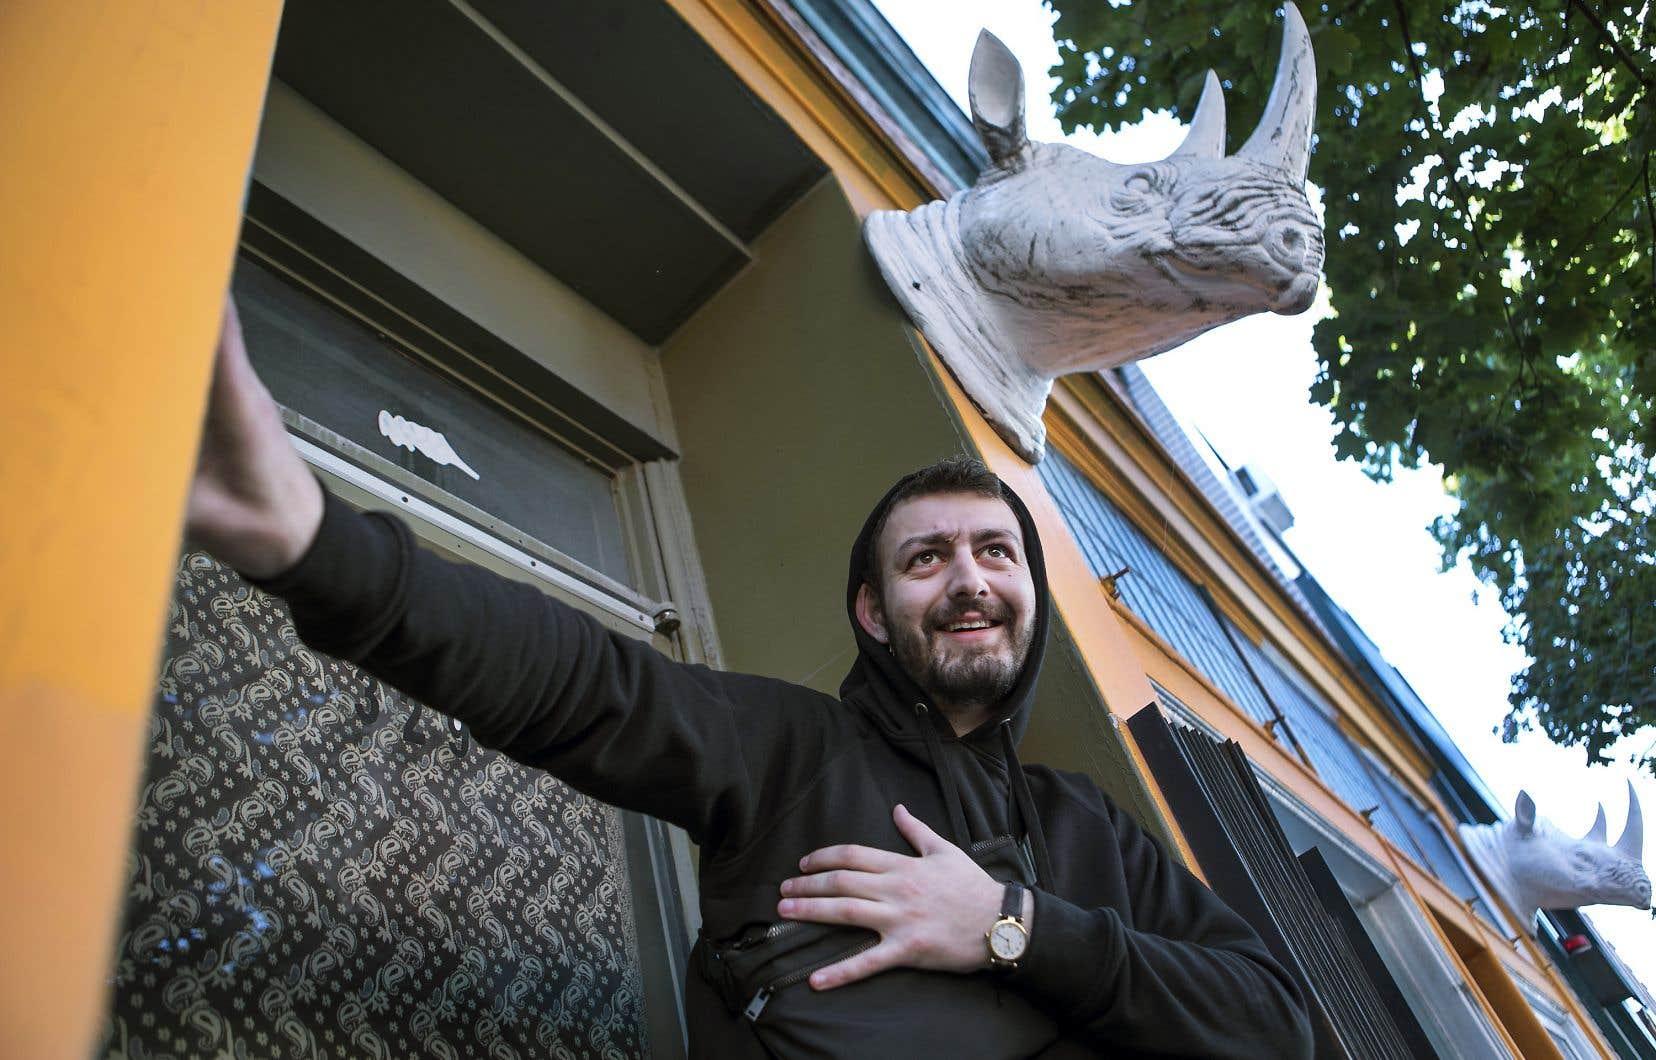 L'humoriste Roman Frayssinet estime qu'il n'a jamais été aussi «puissant» à Montréal que depuis qu'il a eu du succès ailleurs. «Les Québécois apprécient le talent de leurs artistes quand ils ont une résonnance ailleurs», dit-il.